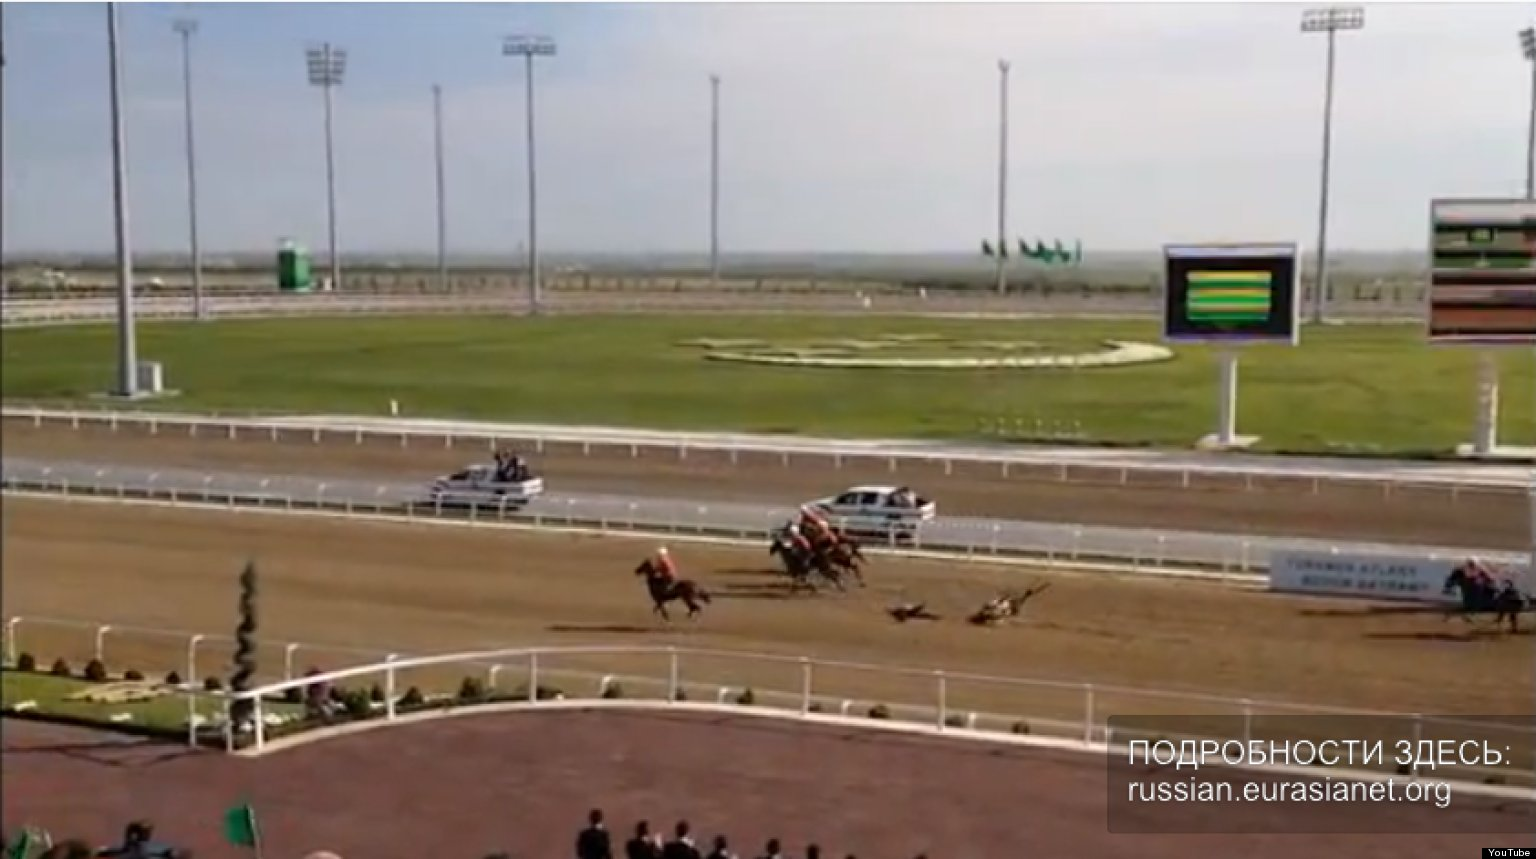 gurbanguly berdymukhamedov turkmenistan president falls off  gurbanguly berdymukhamedov turkmenistan president falls off horse during race video huffpost